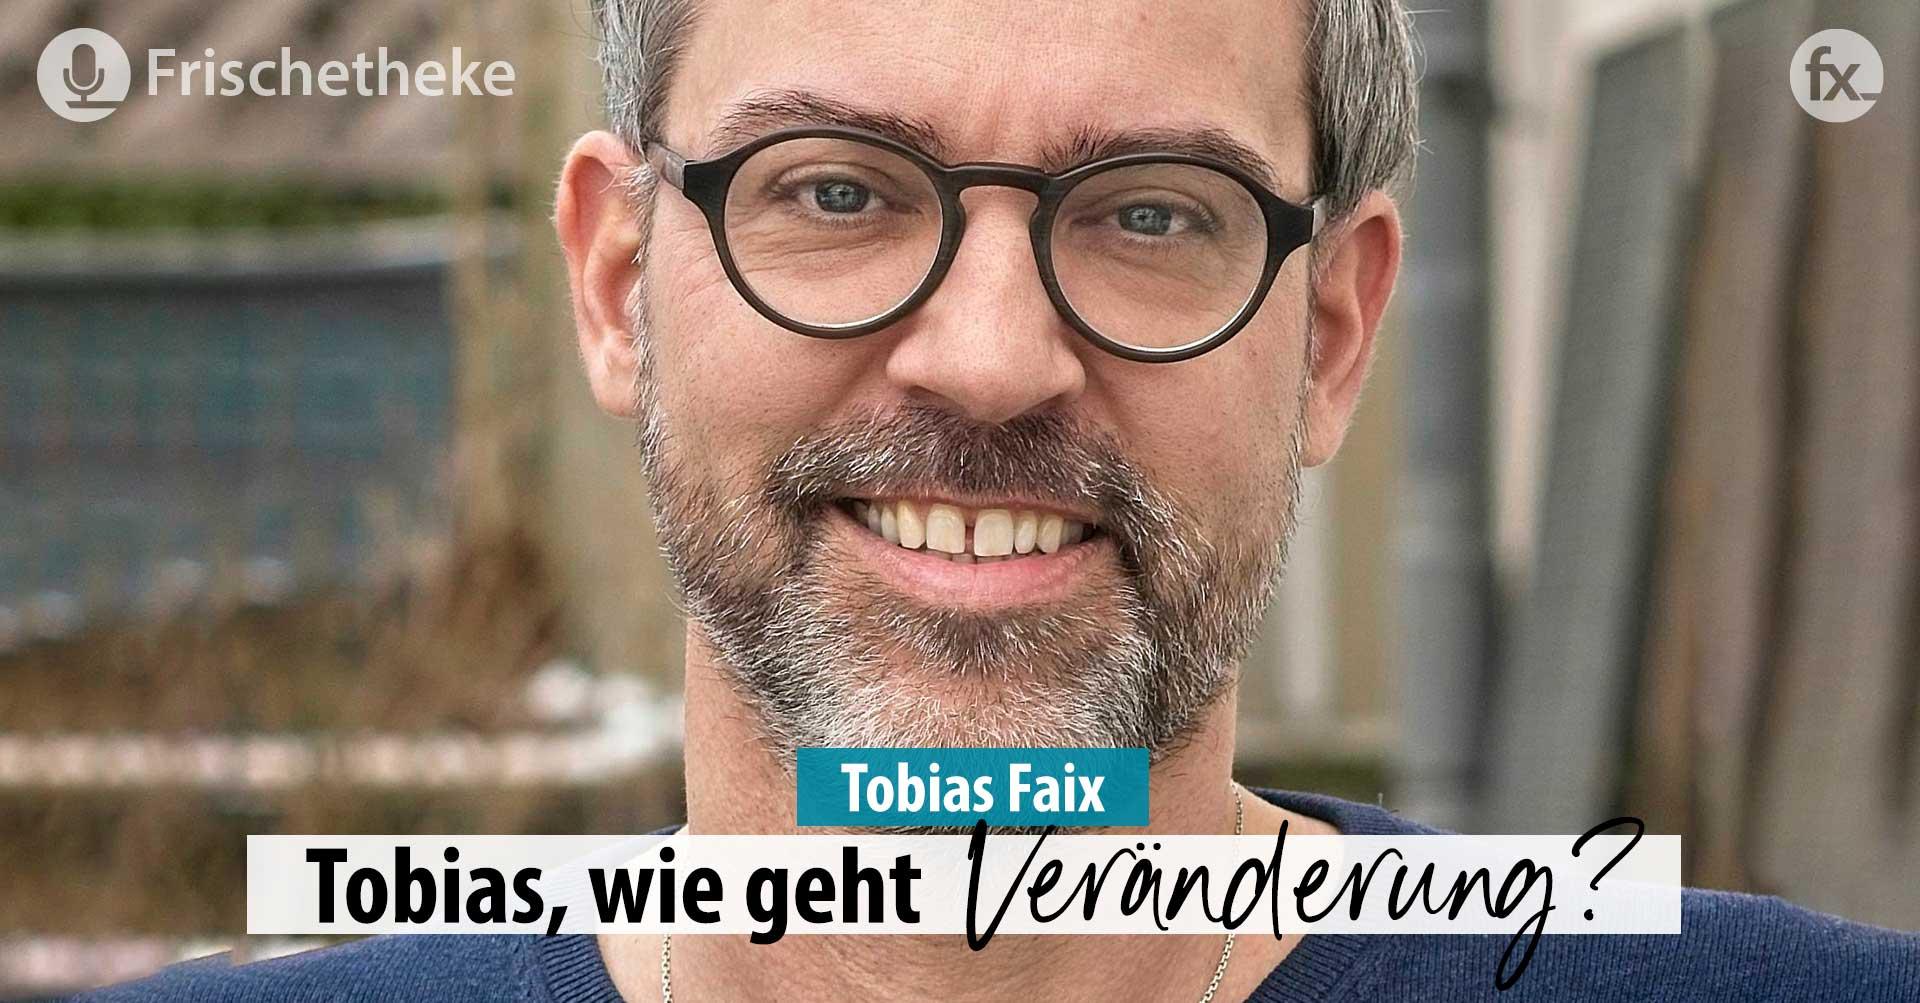 #43 – Tobias Faix, wie geht Veränderung?